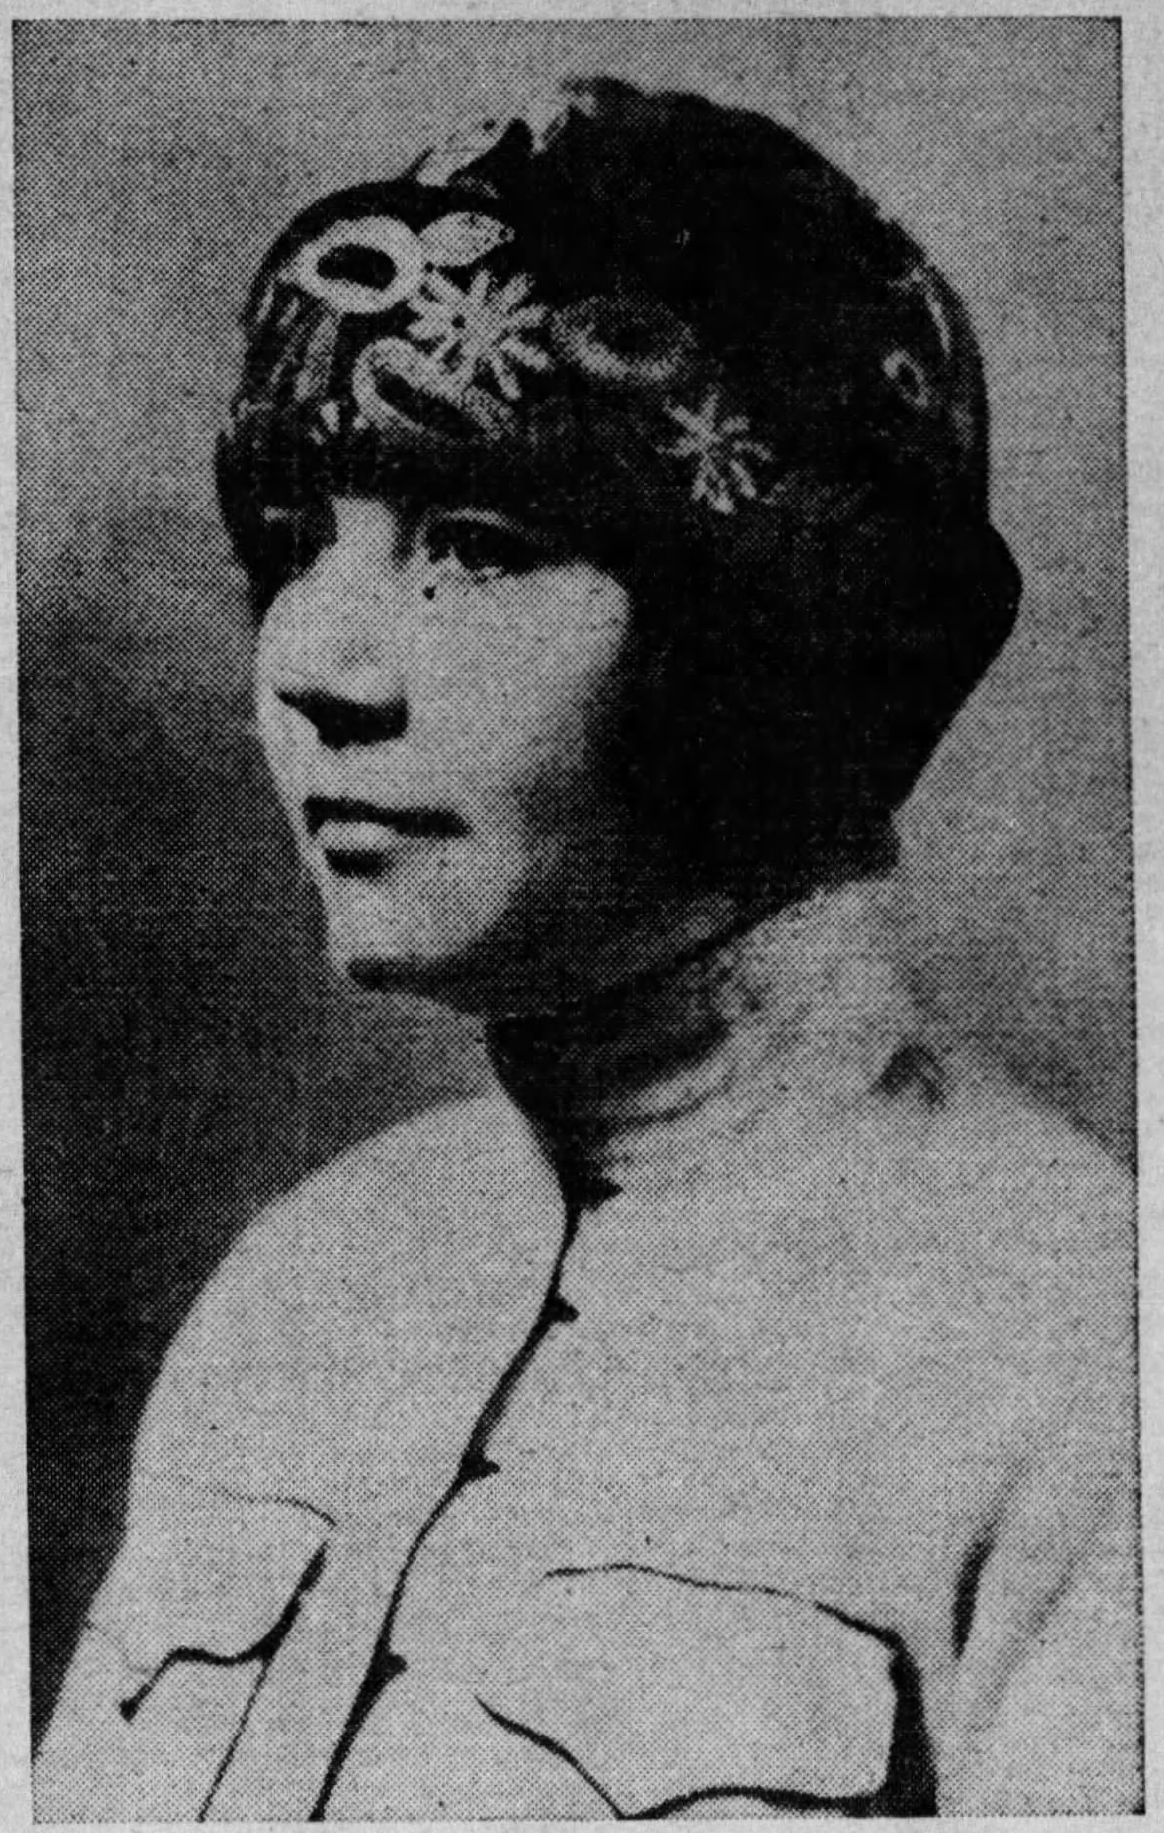 Rose Wilder Lane in Europe, 1925.